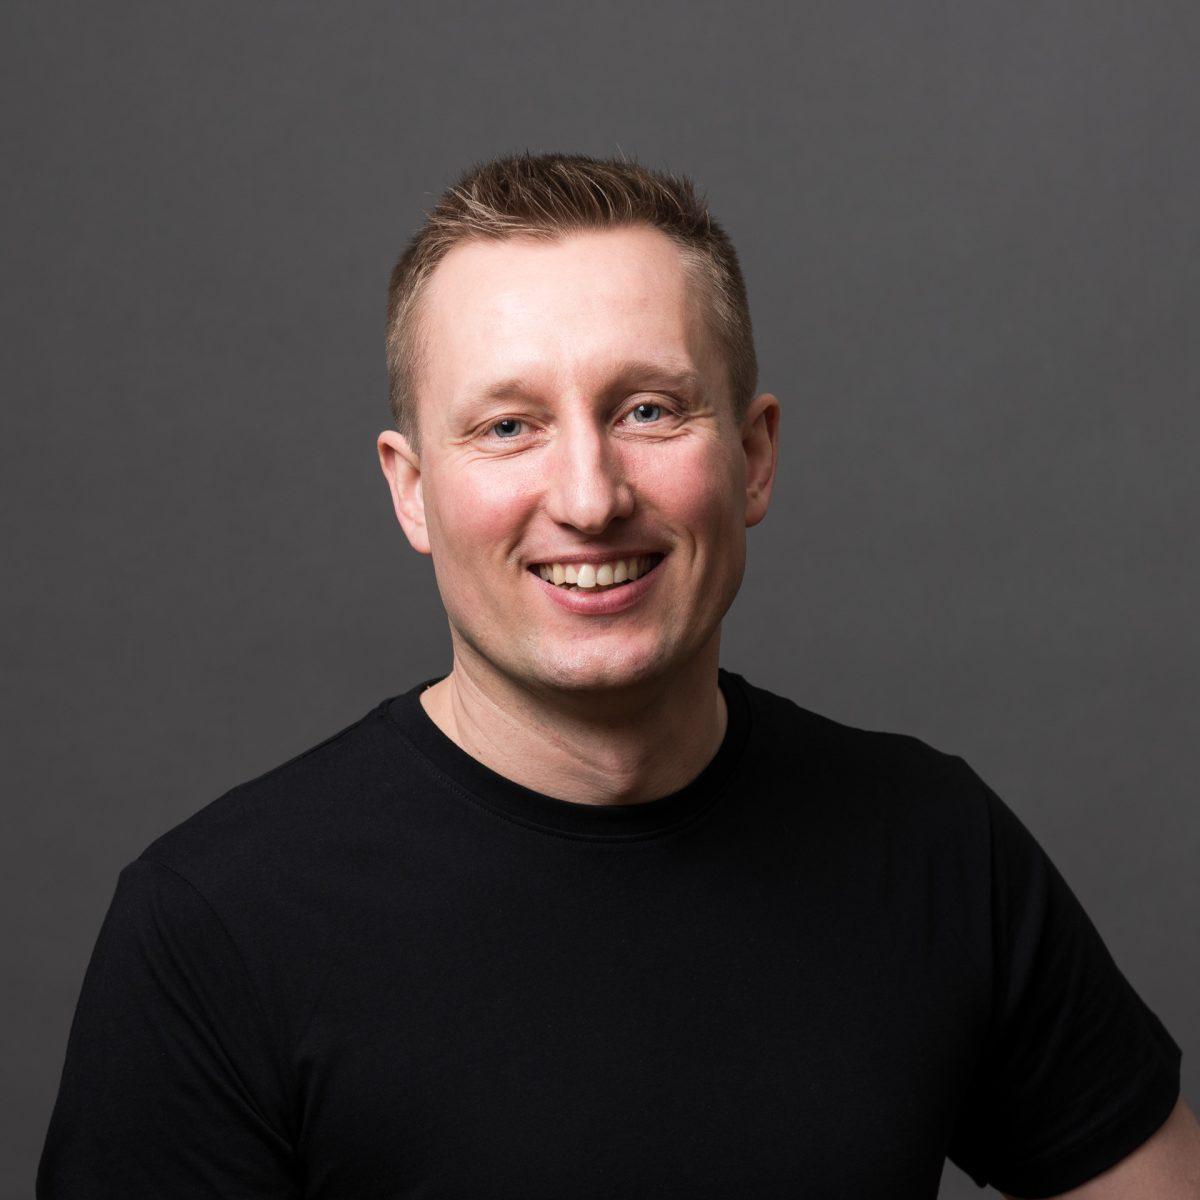 ANDREAS THOMASSON, valokuvaaja, leikkaaja Ja toimitusjohtaja